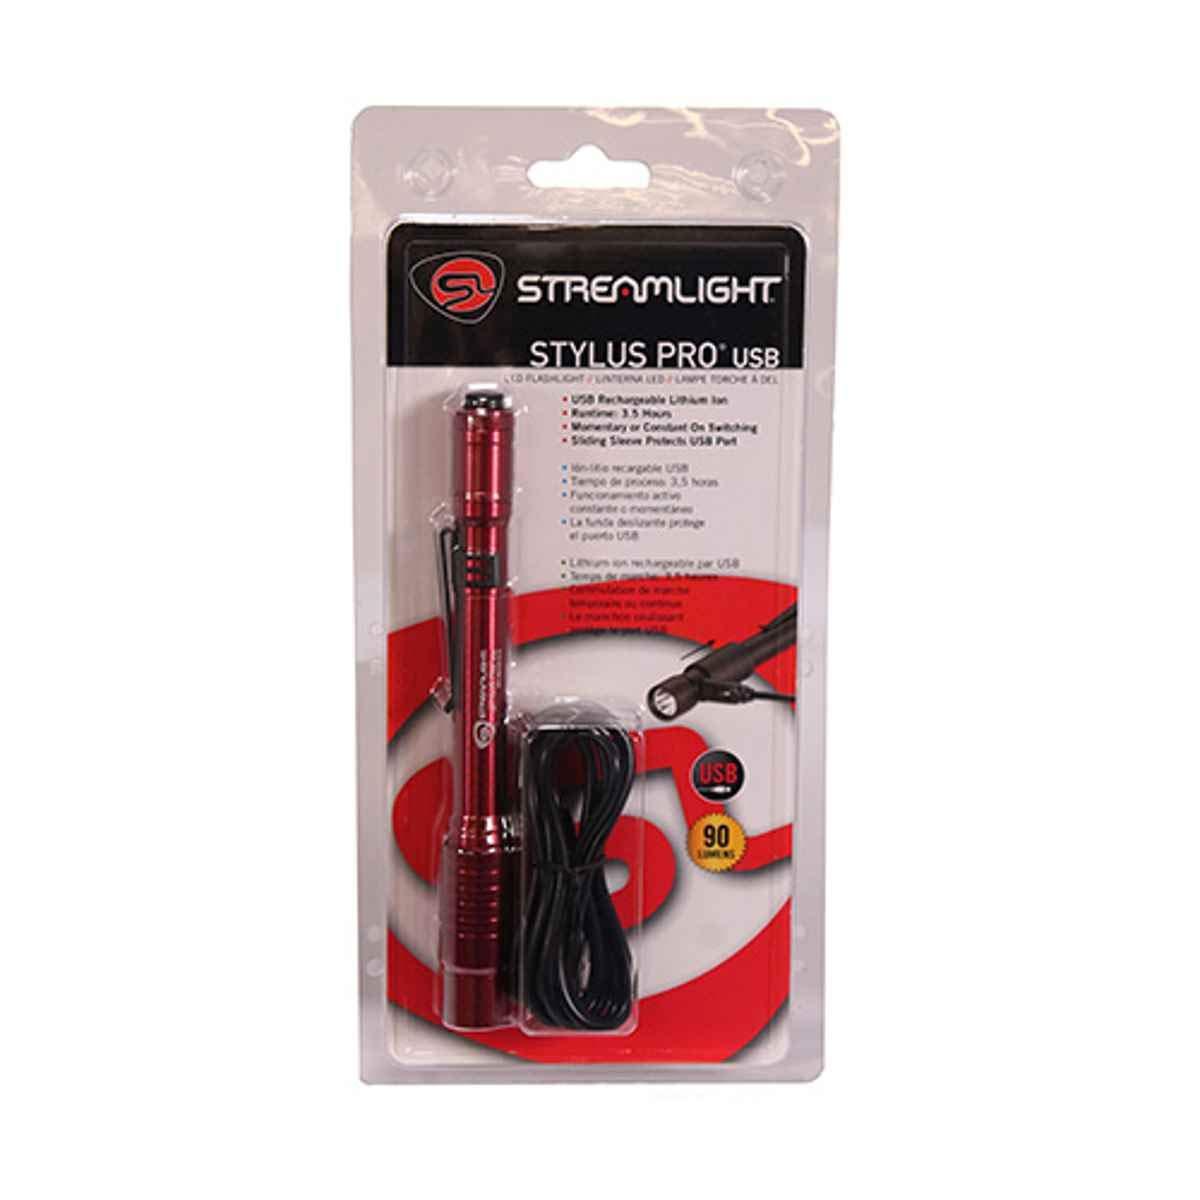 Streamlight 66136 Stylus Pro USB 120 V, Rot